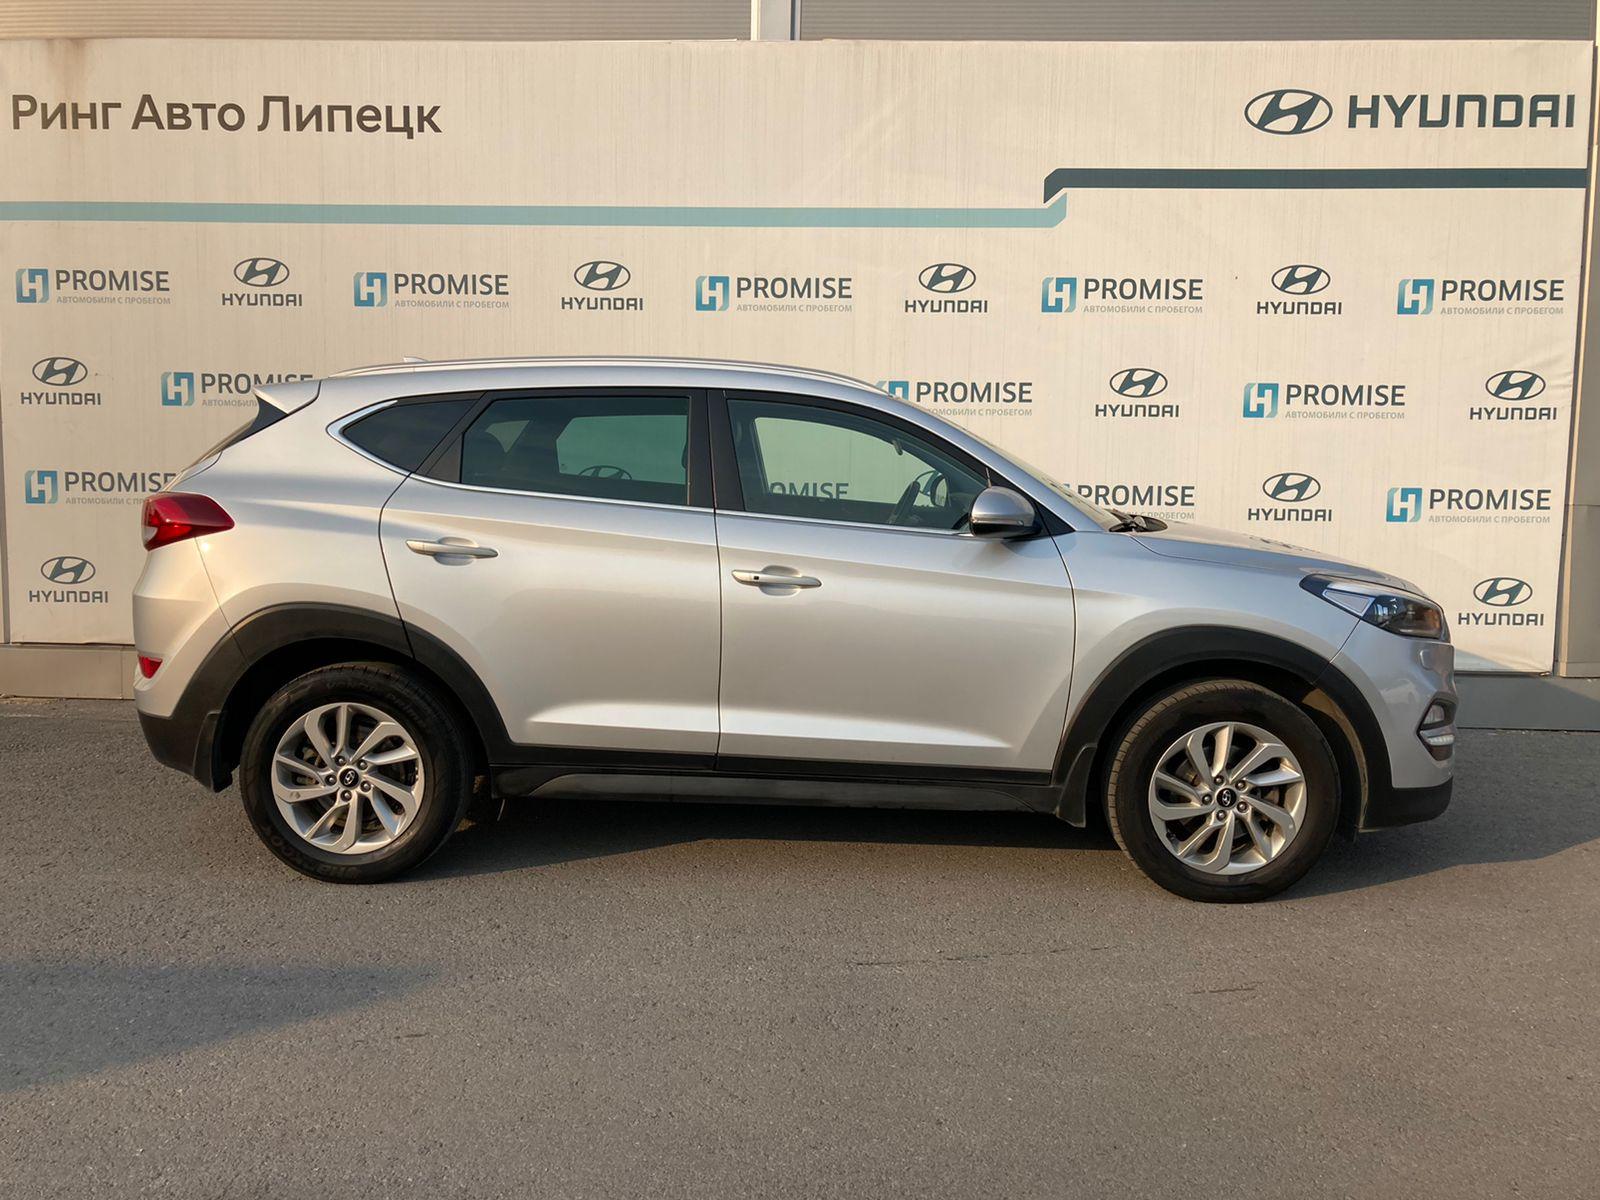 Hyundai Tucson Внедорожник (2016г.)